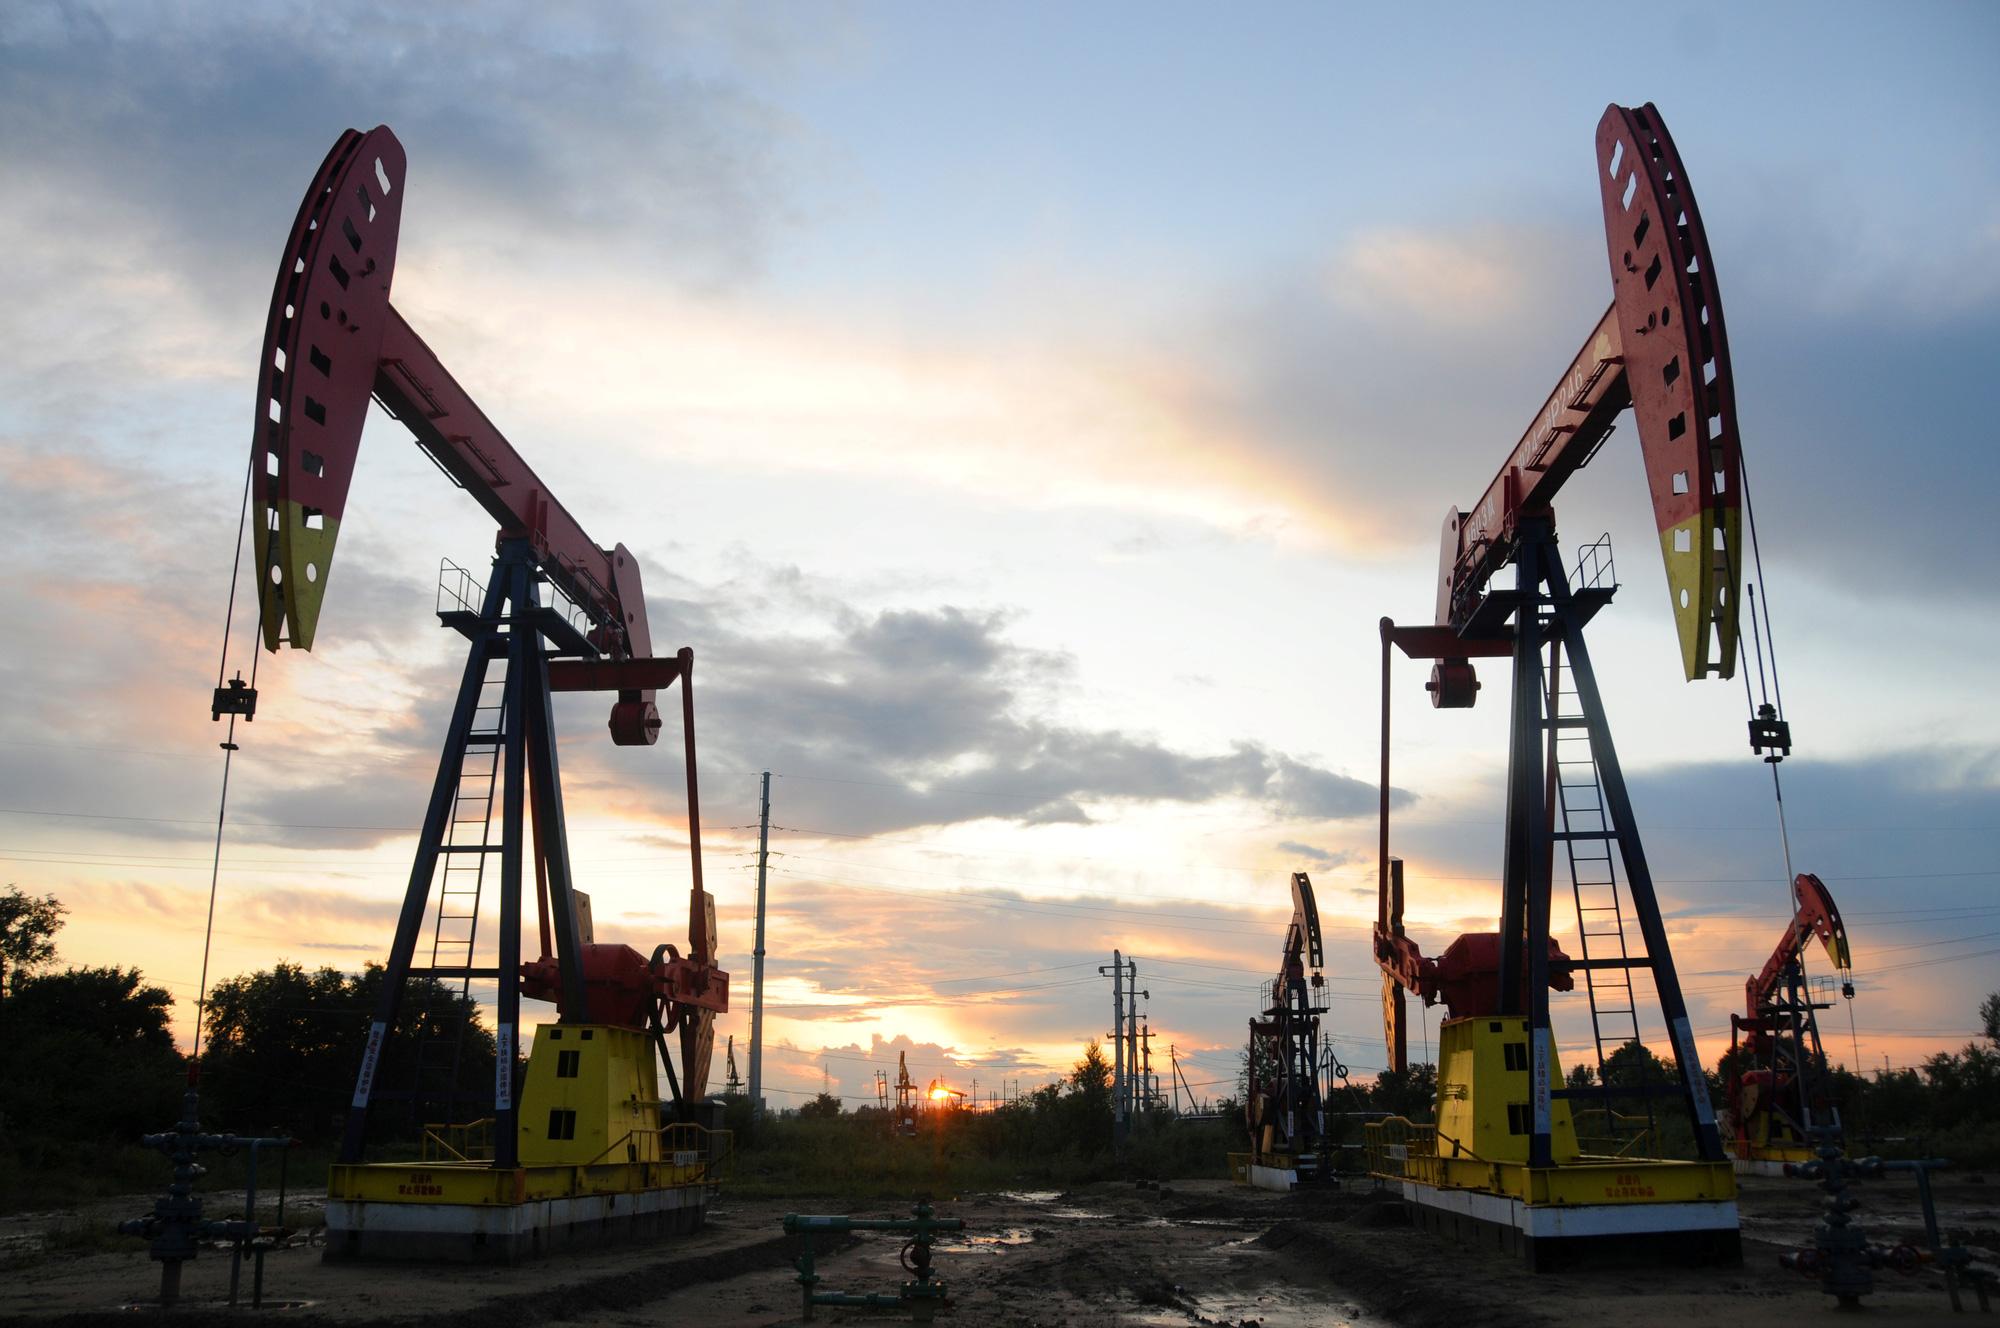 Giá xăng dầu hôm nay 12/7: Giá dầu tiếp tục đà tăng trong phiên giao đầu tuần - Ảnh 1.